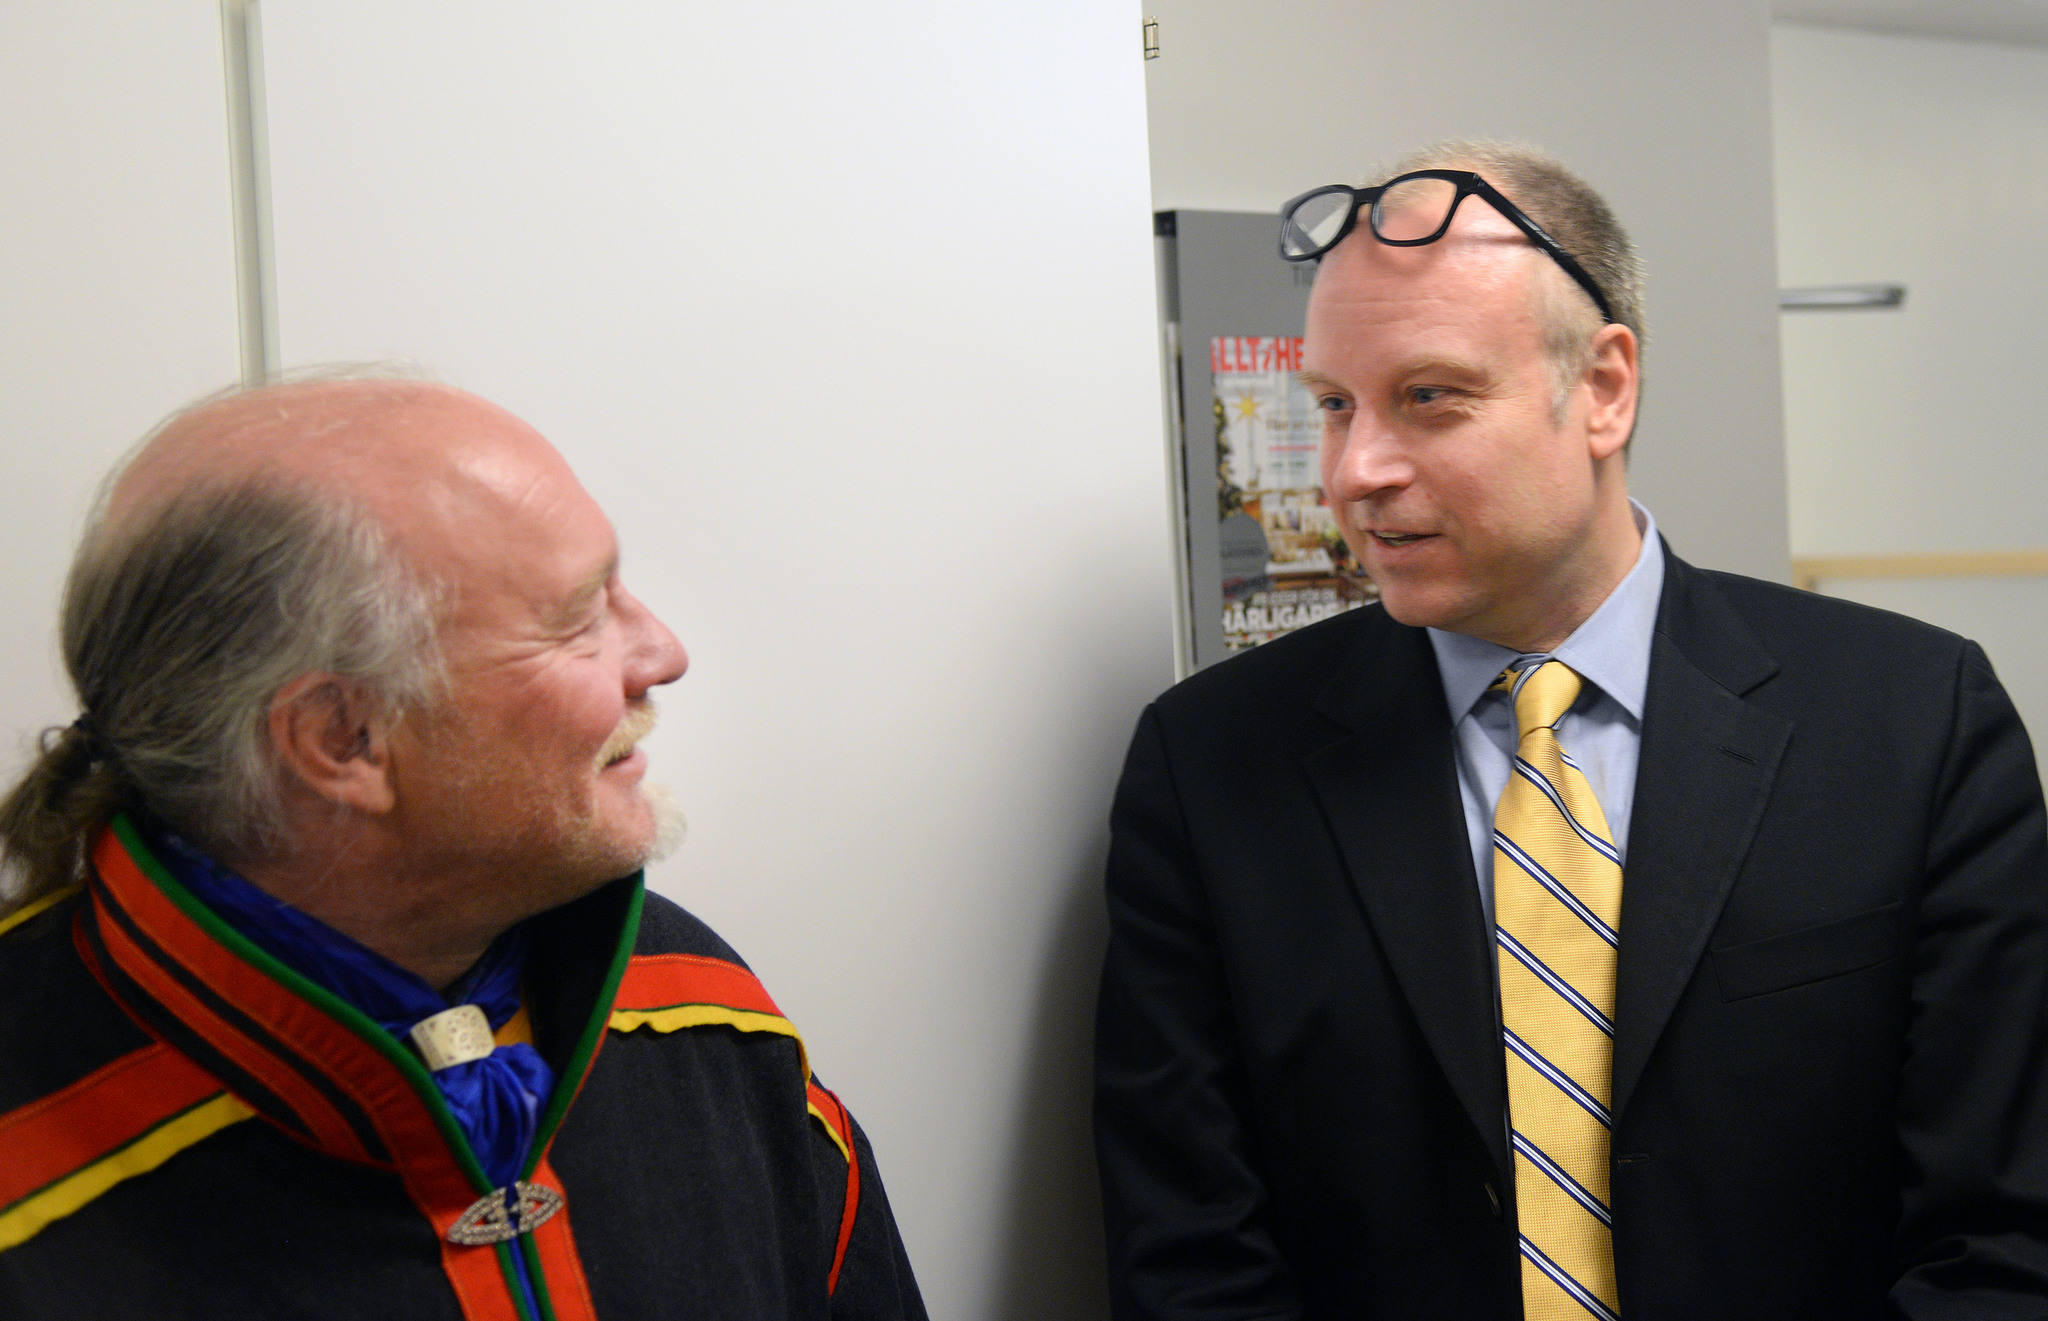 Matti Berg, ordförande Girjas sameby och Jonas Löttiger, advokat som företräder staten, i samspråk i en paus under förhandlingarna i tingsrätten i juni 2015. Nu har båda parter överklagat Hovrättens dom till Högsta domstolen.